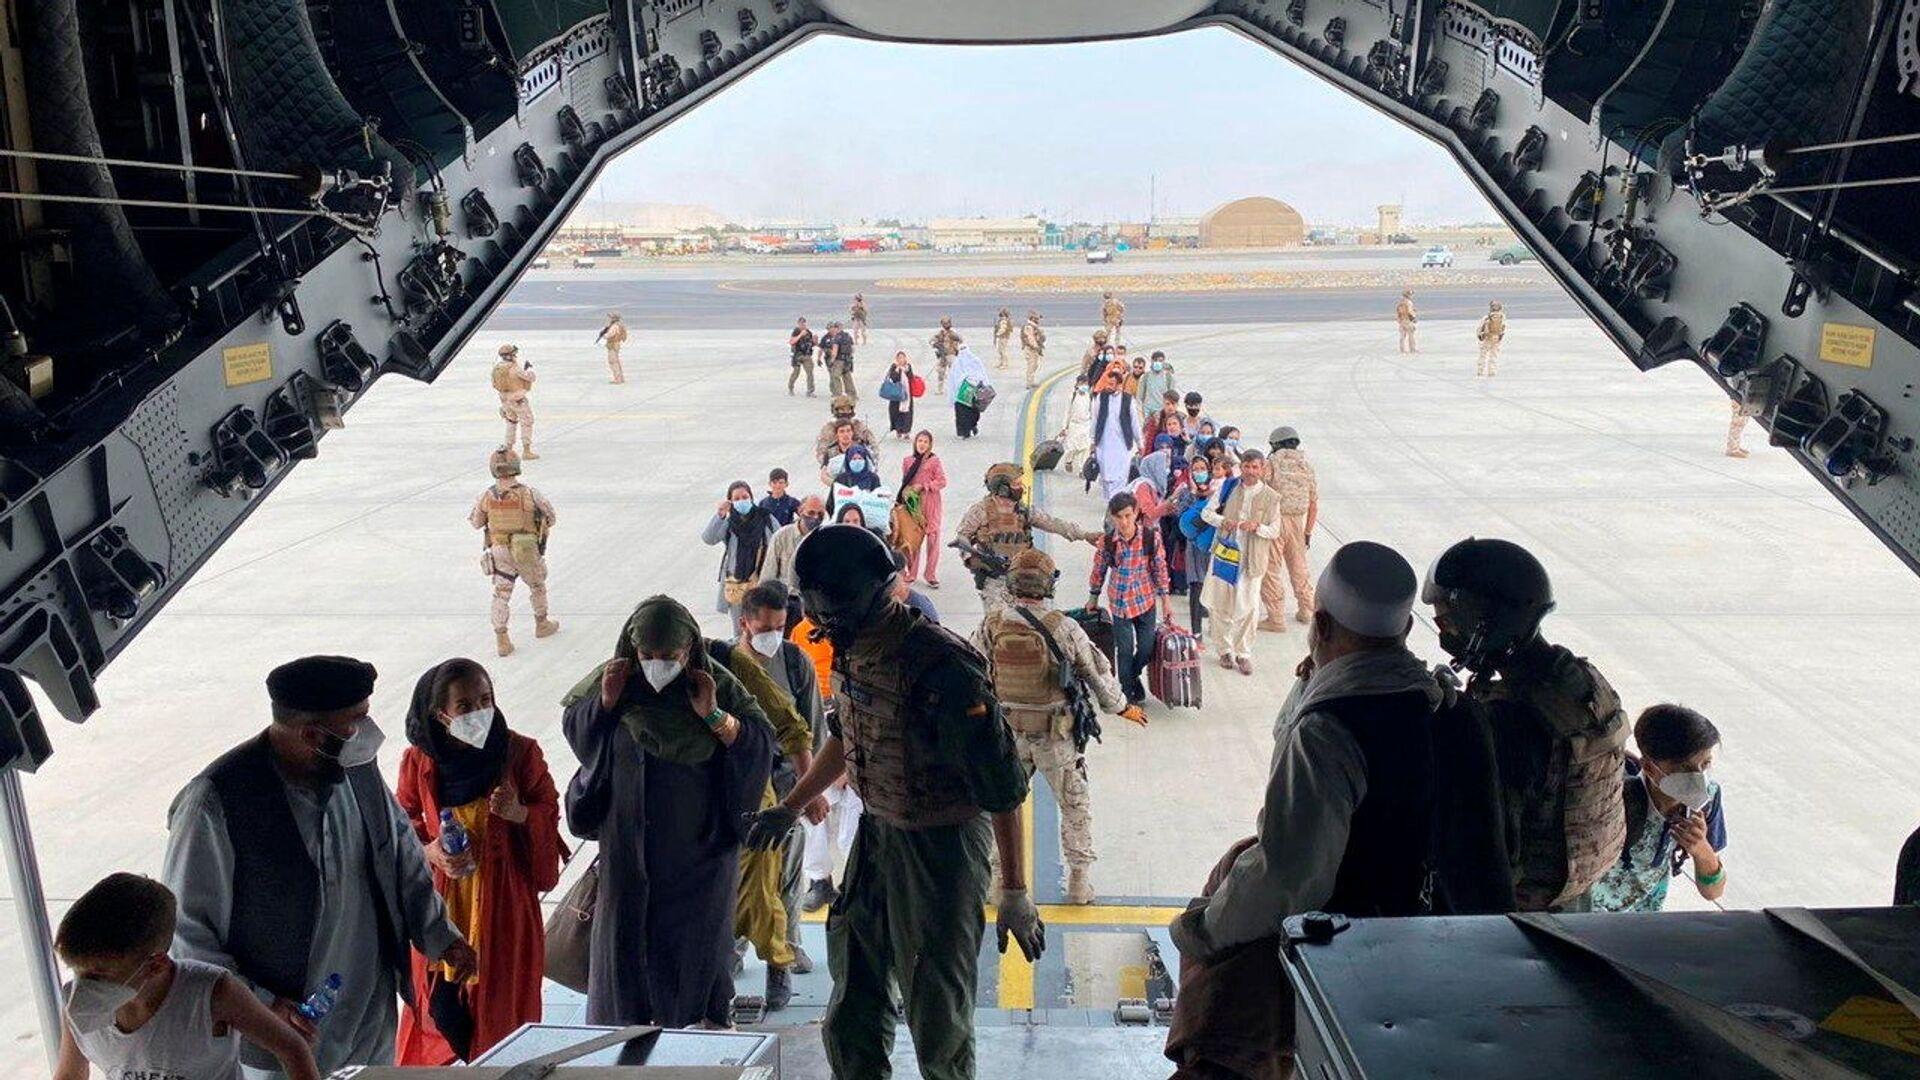 Španělští občané a Afghánci nastoupí do vojenského letadla v rámci evakuace na mezinárodním letišti v Kábulu - Sputnik Česká republika, 1920, 22.08.2021